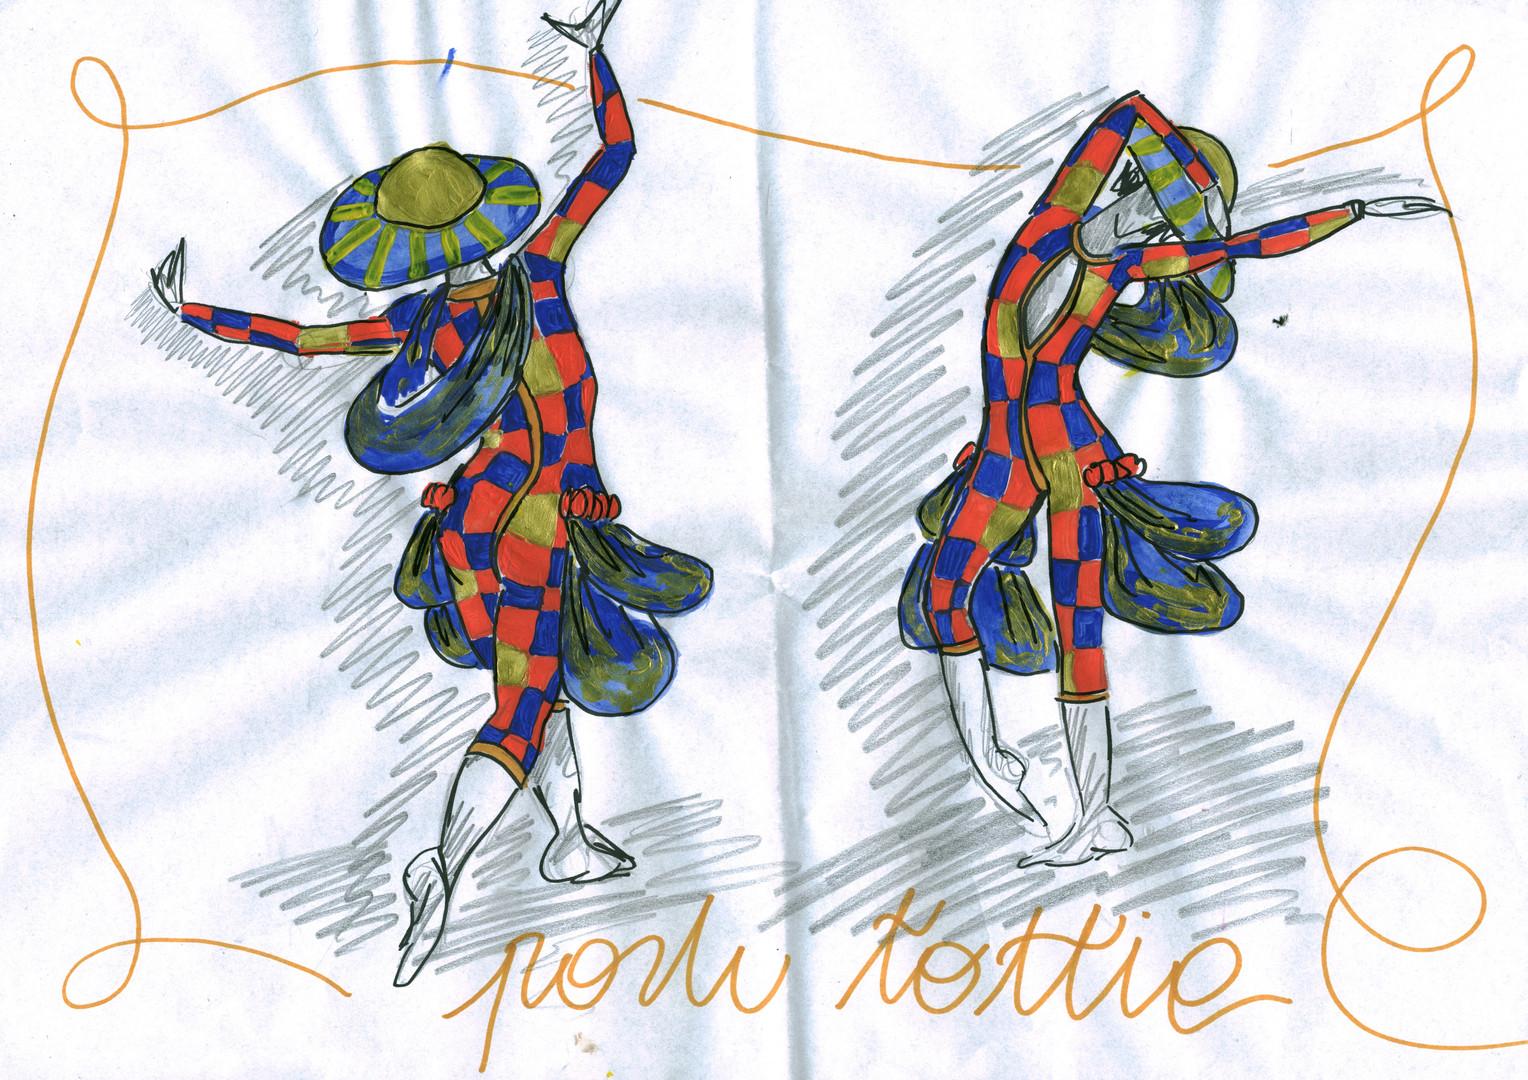 Posh Tottie Design